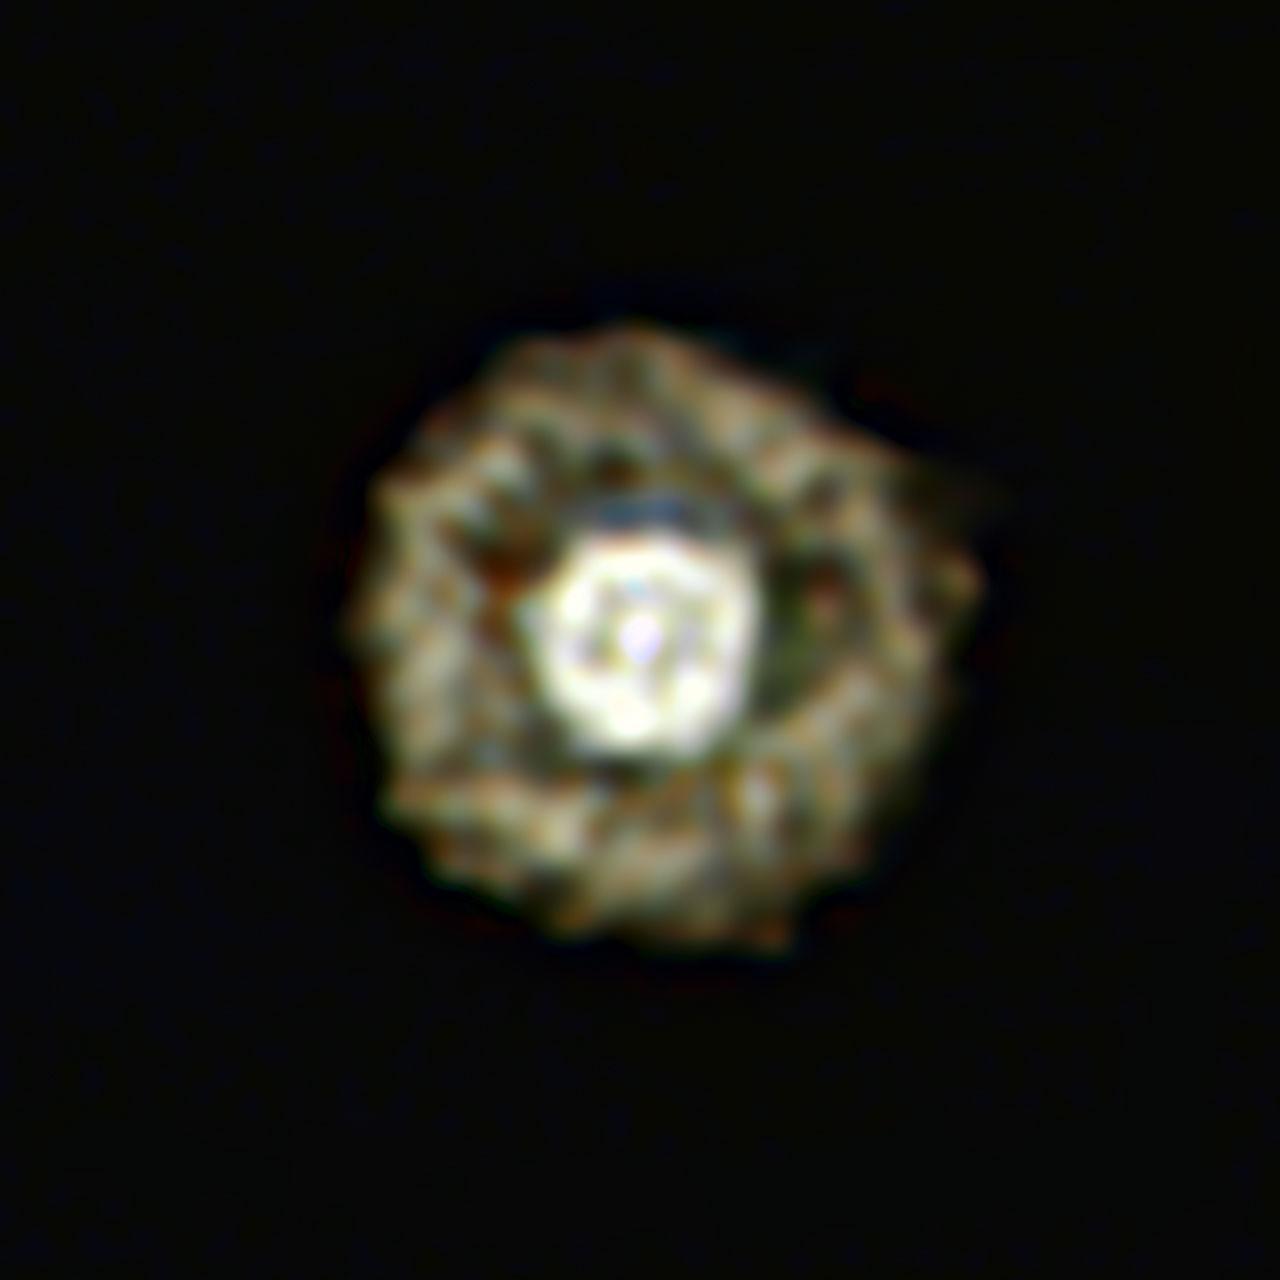 De Gebakken-Einevel, oftewel de gele hyperreus IRAS 17163-3907